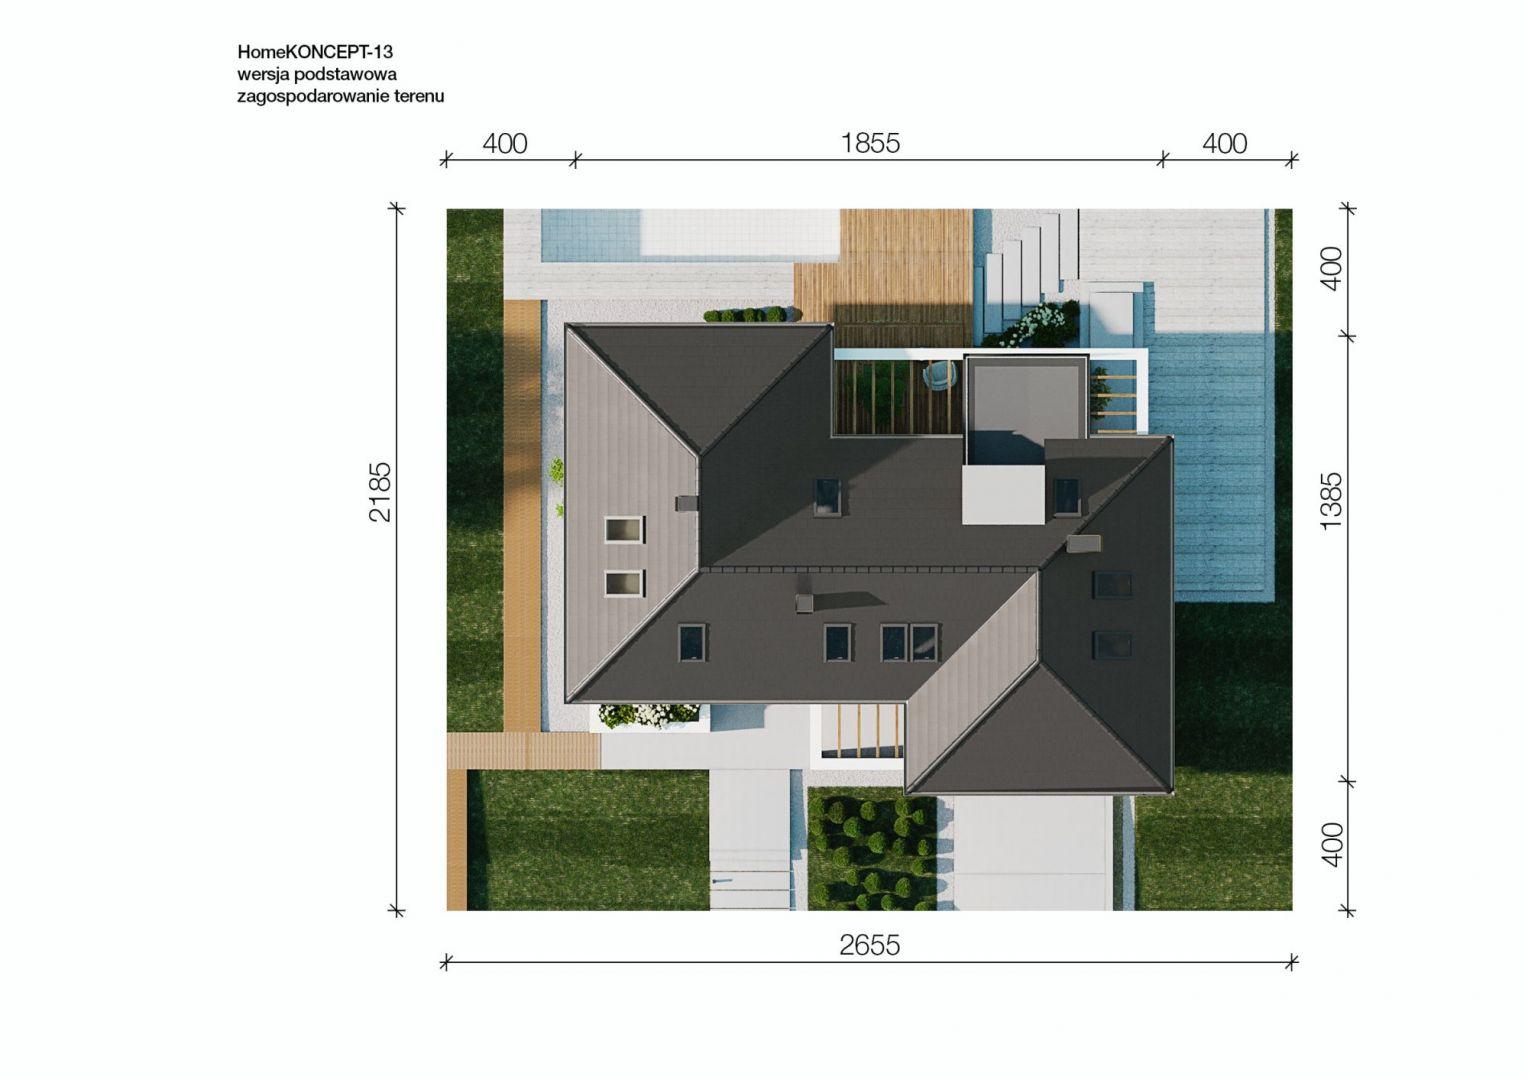 Usytuowanie domu na działce. Dom HomeKoncept 13. Projekt i zdjęcia: HomeKoncept